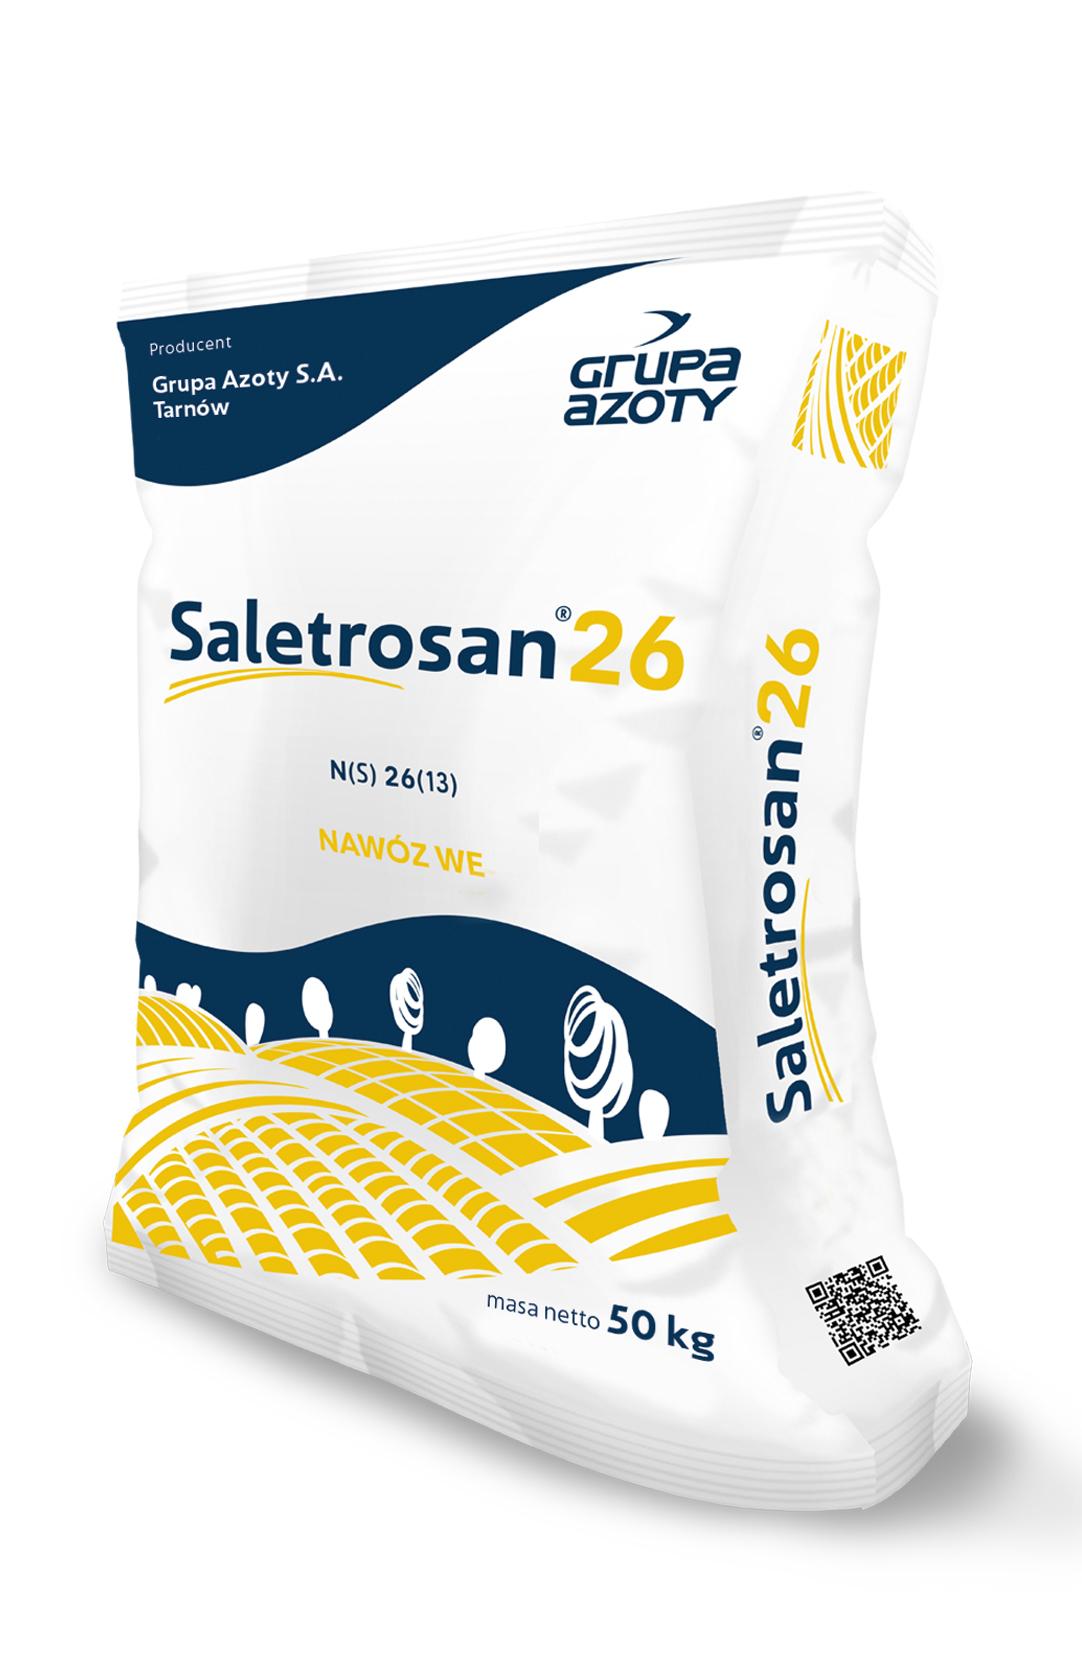 Saletrosan 26